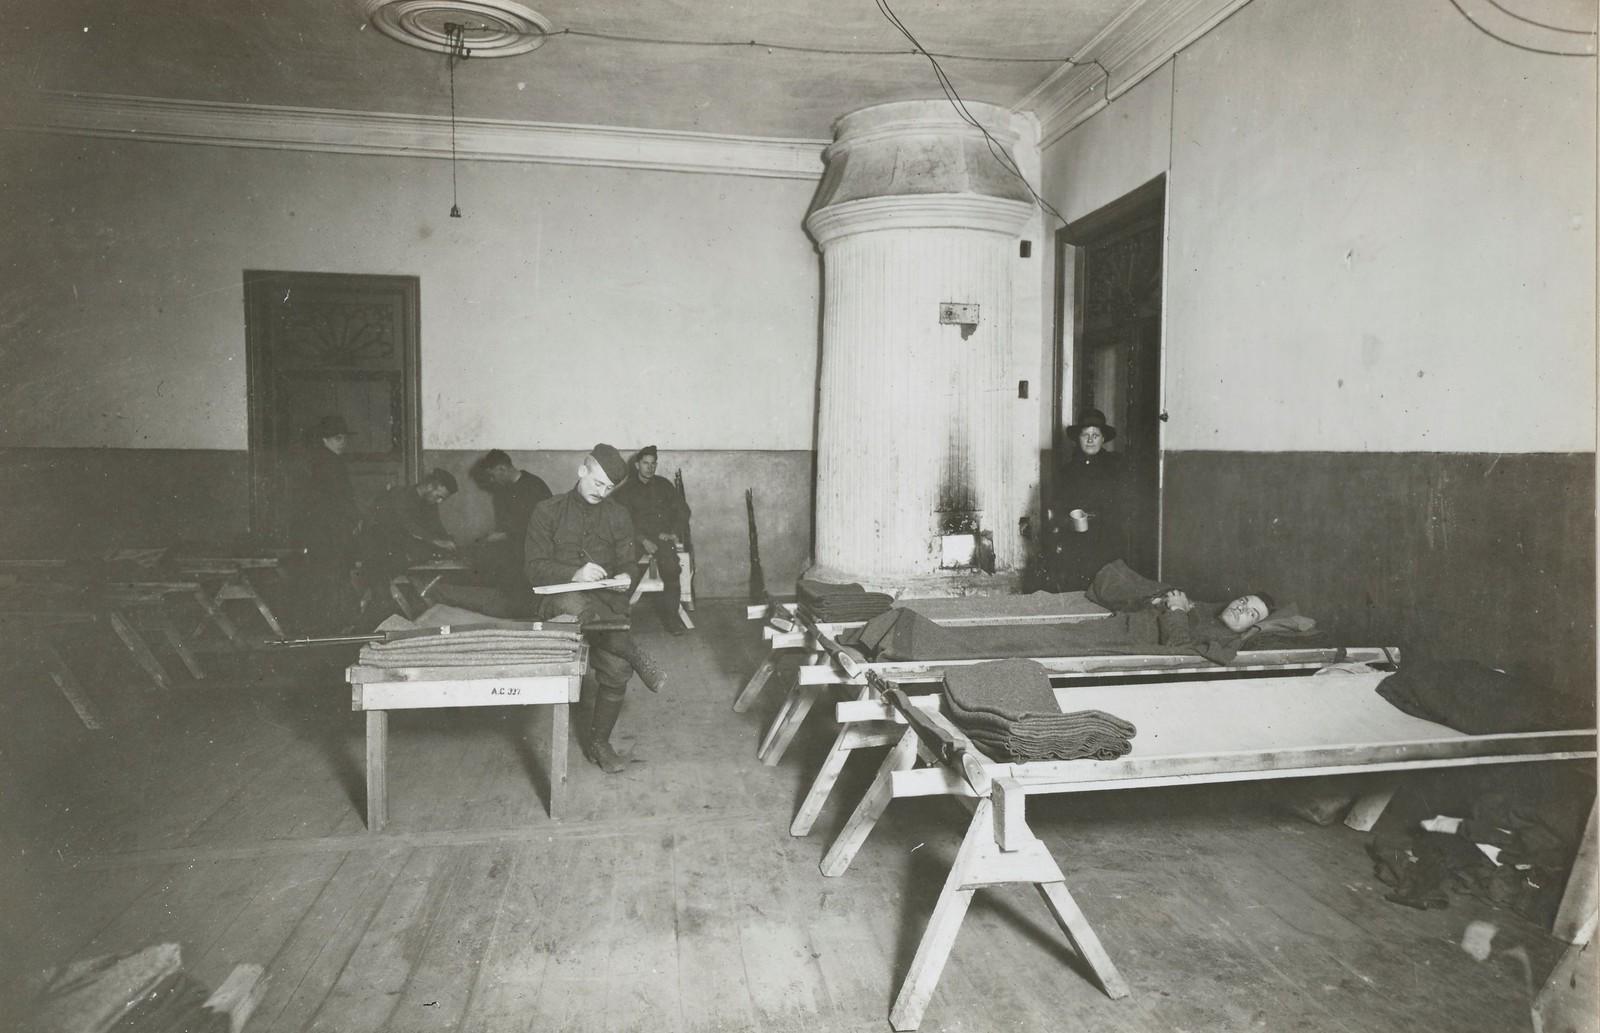 Архангельск. Во время первых недель пребывания в городе использовались в лазарете эти грубые кровати